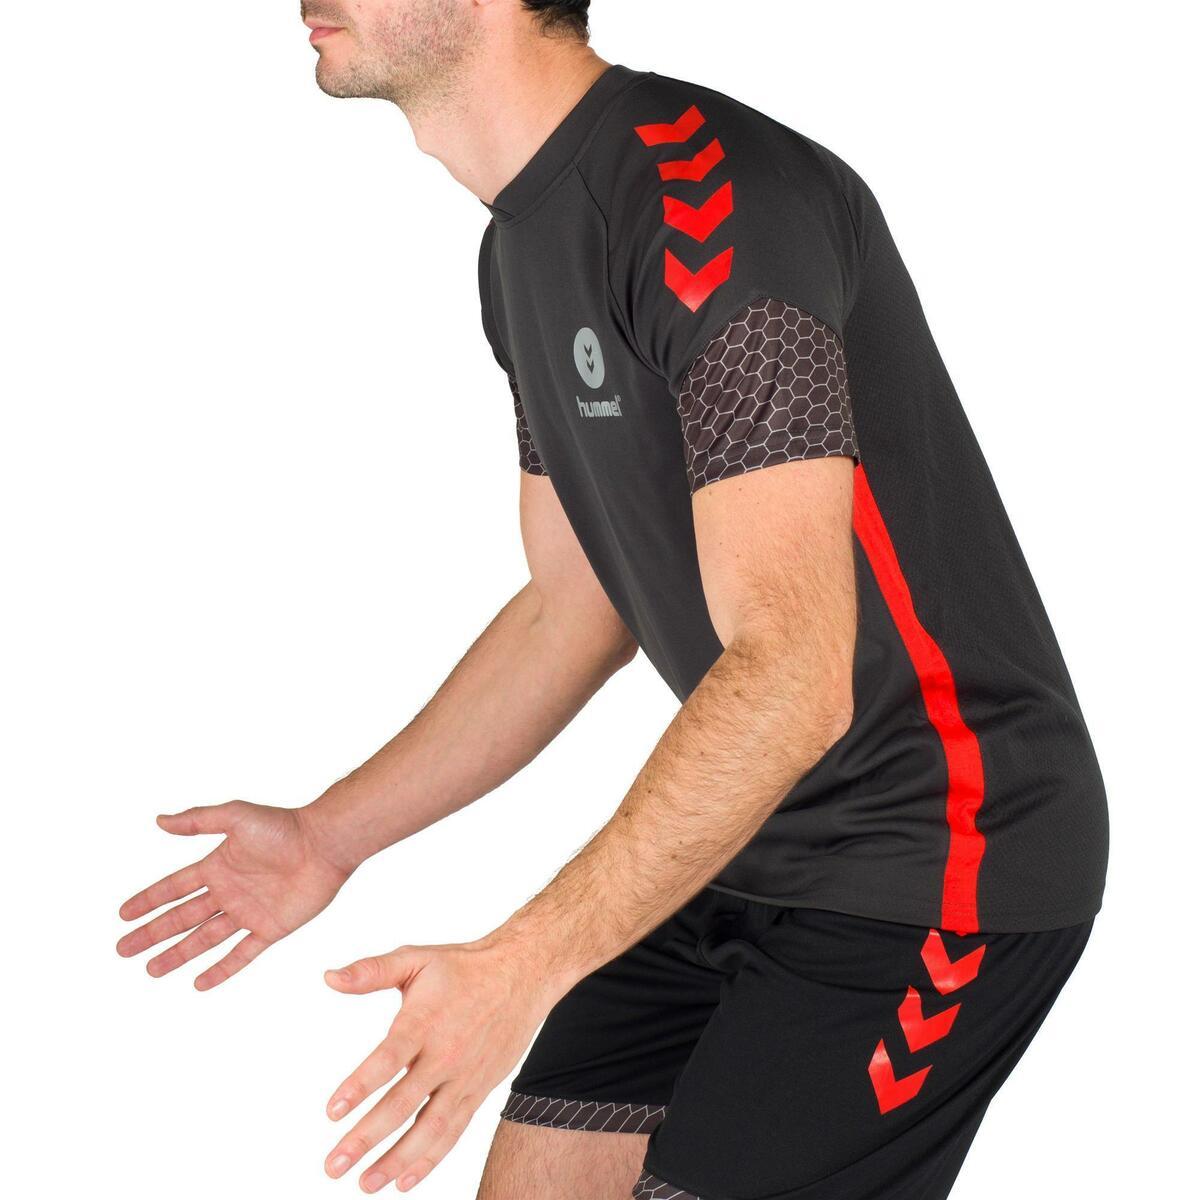 Bild 5 von Handballtrikot Herren grau/rot